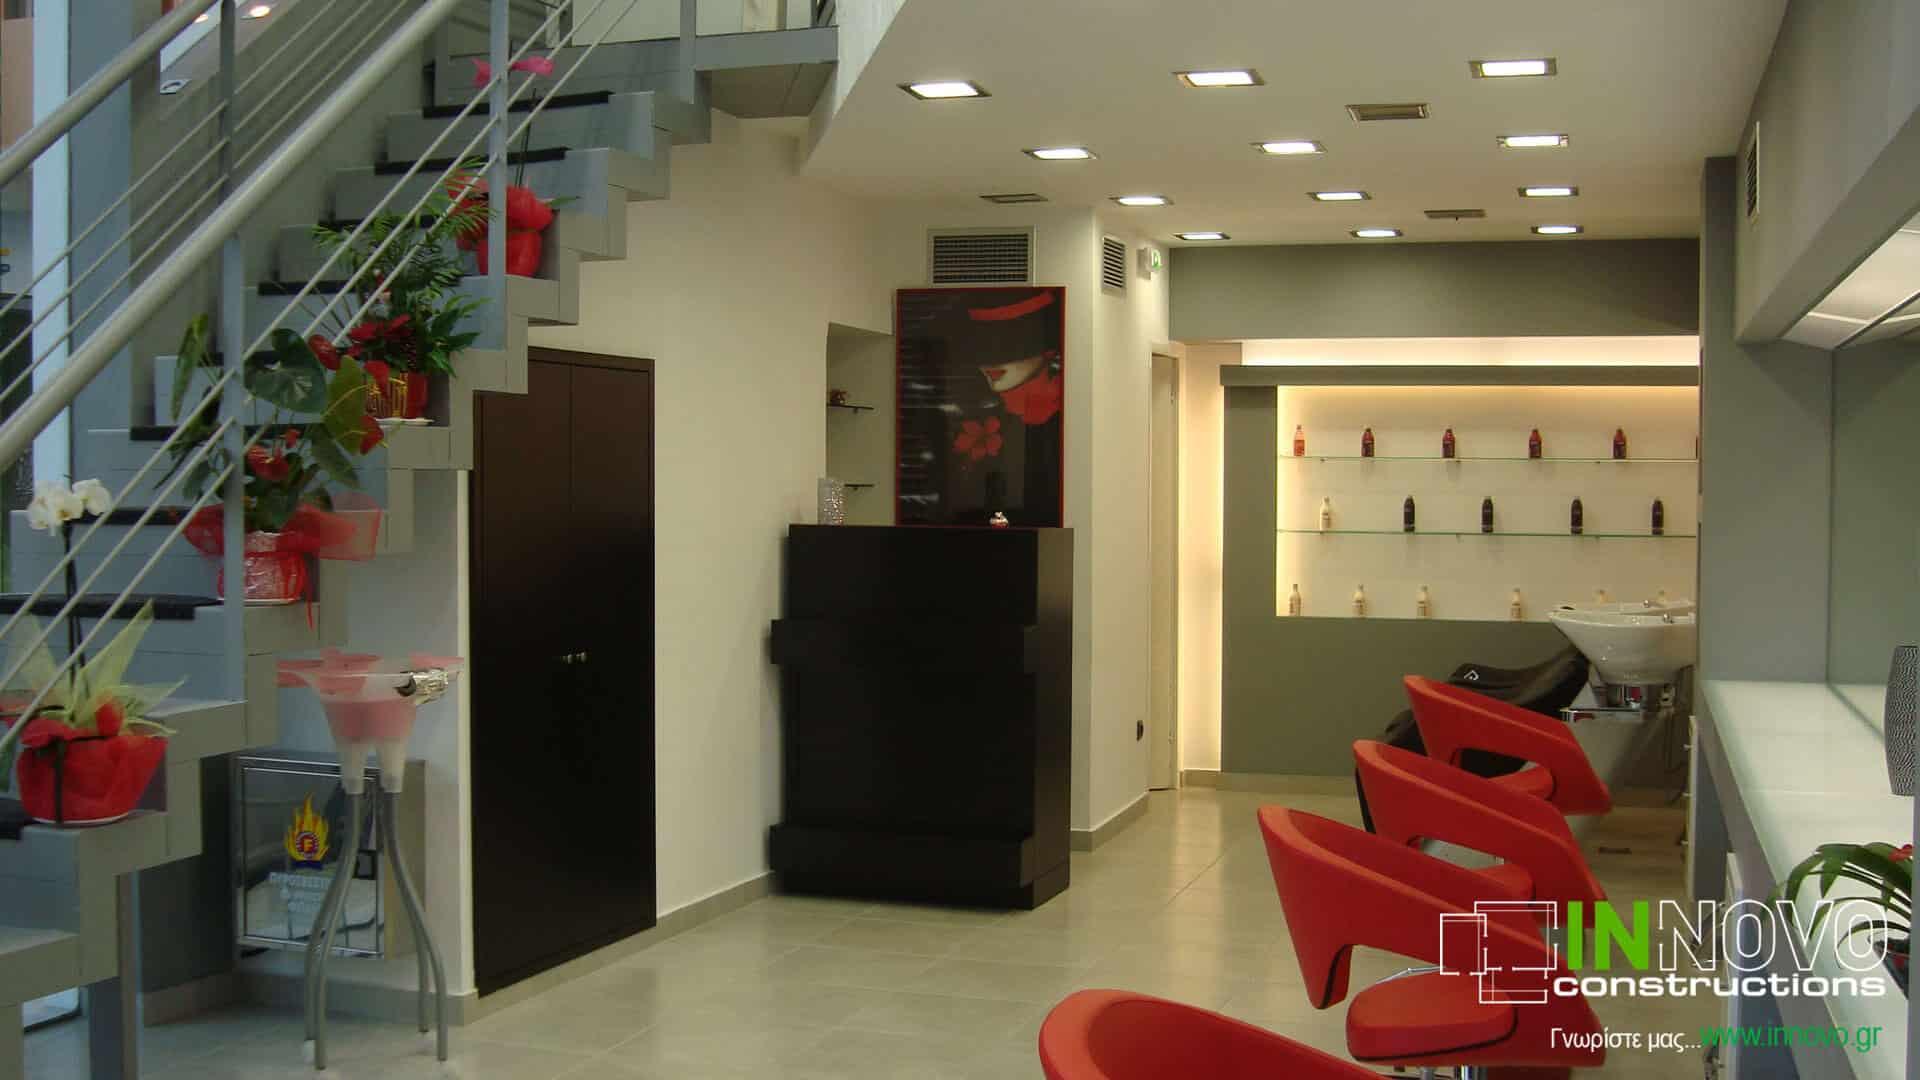 diakosmisi-kommotiriou-hairdressers-design-kommotirio-nafplio-1071-2